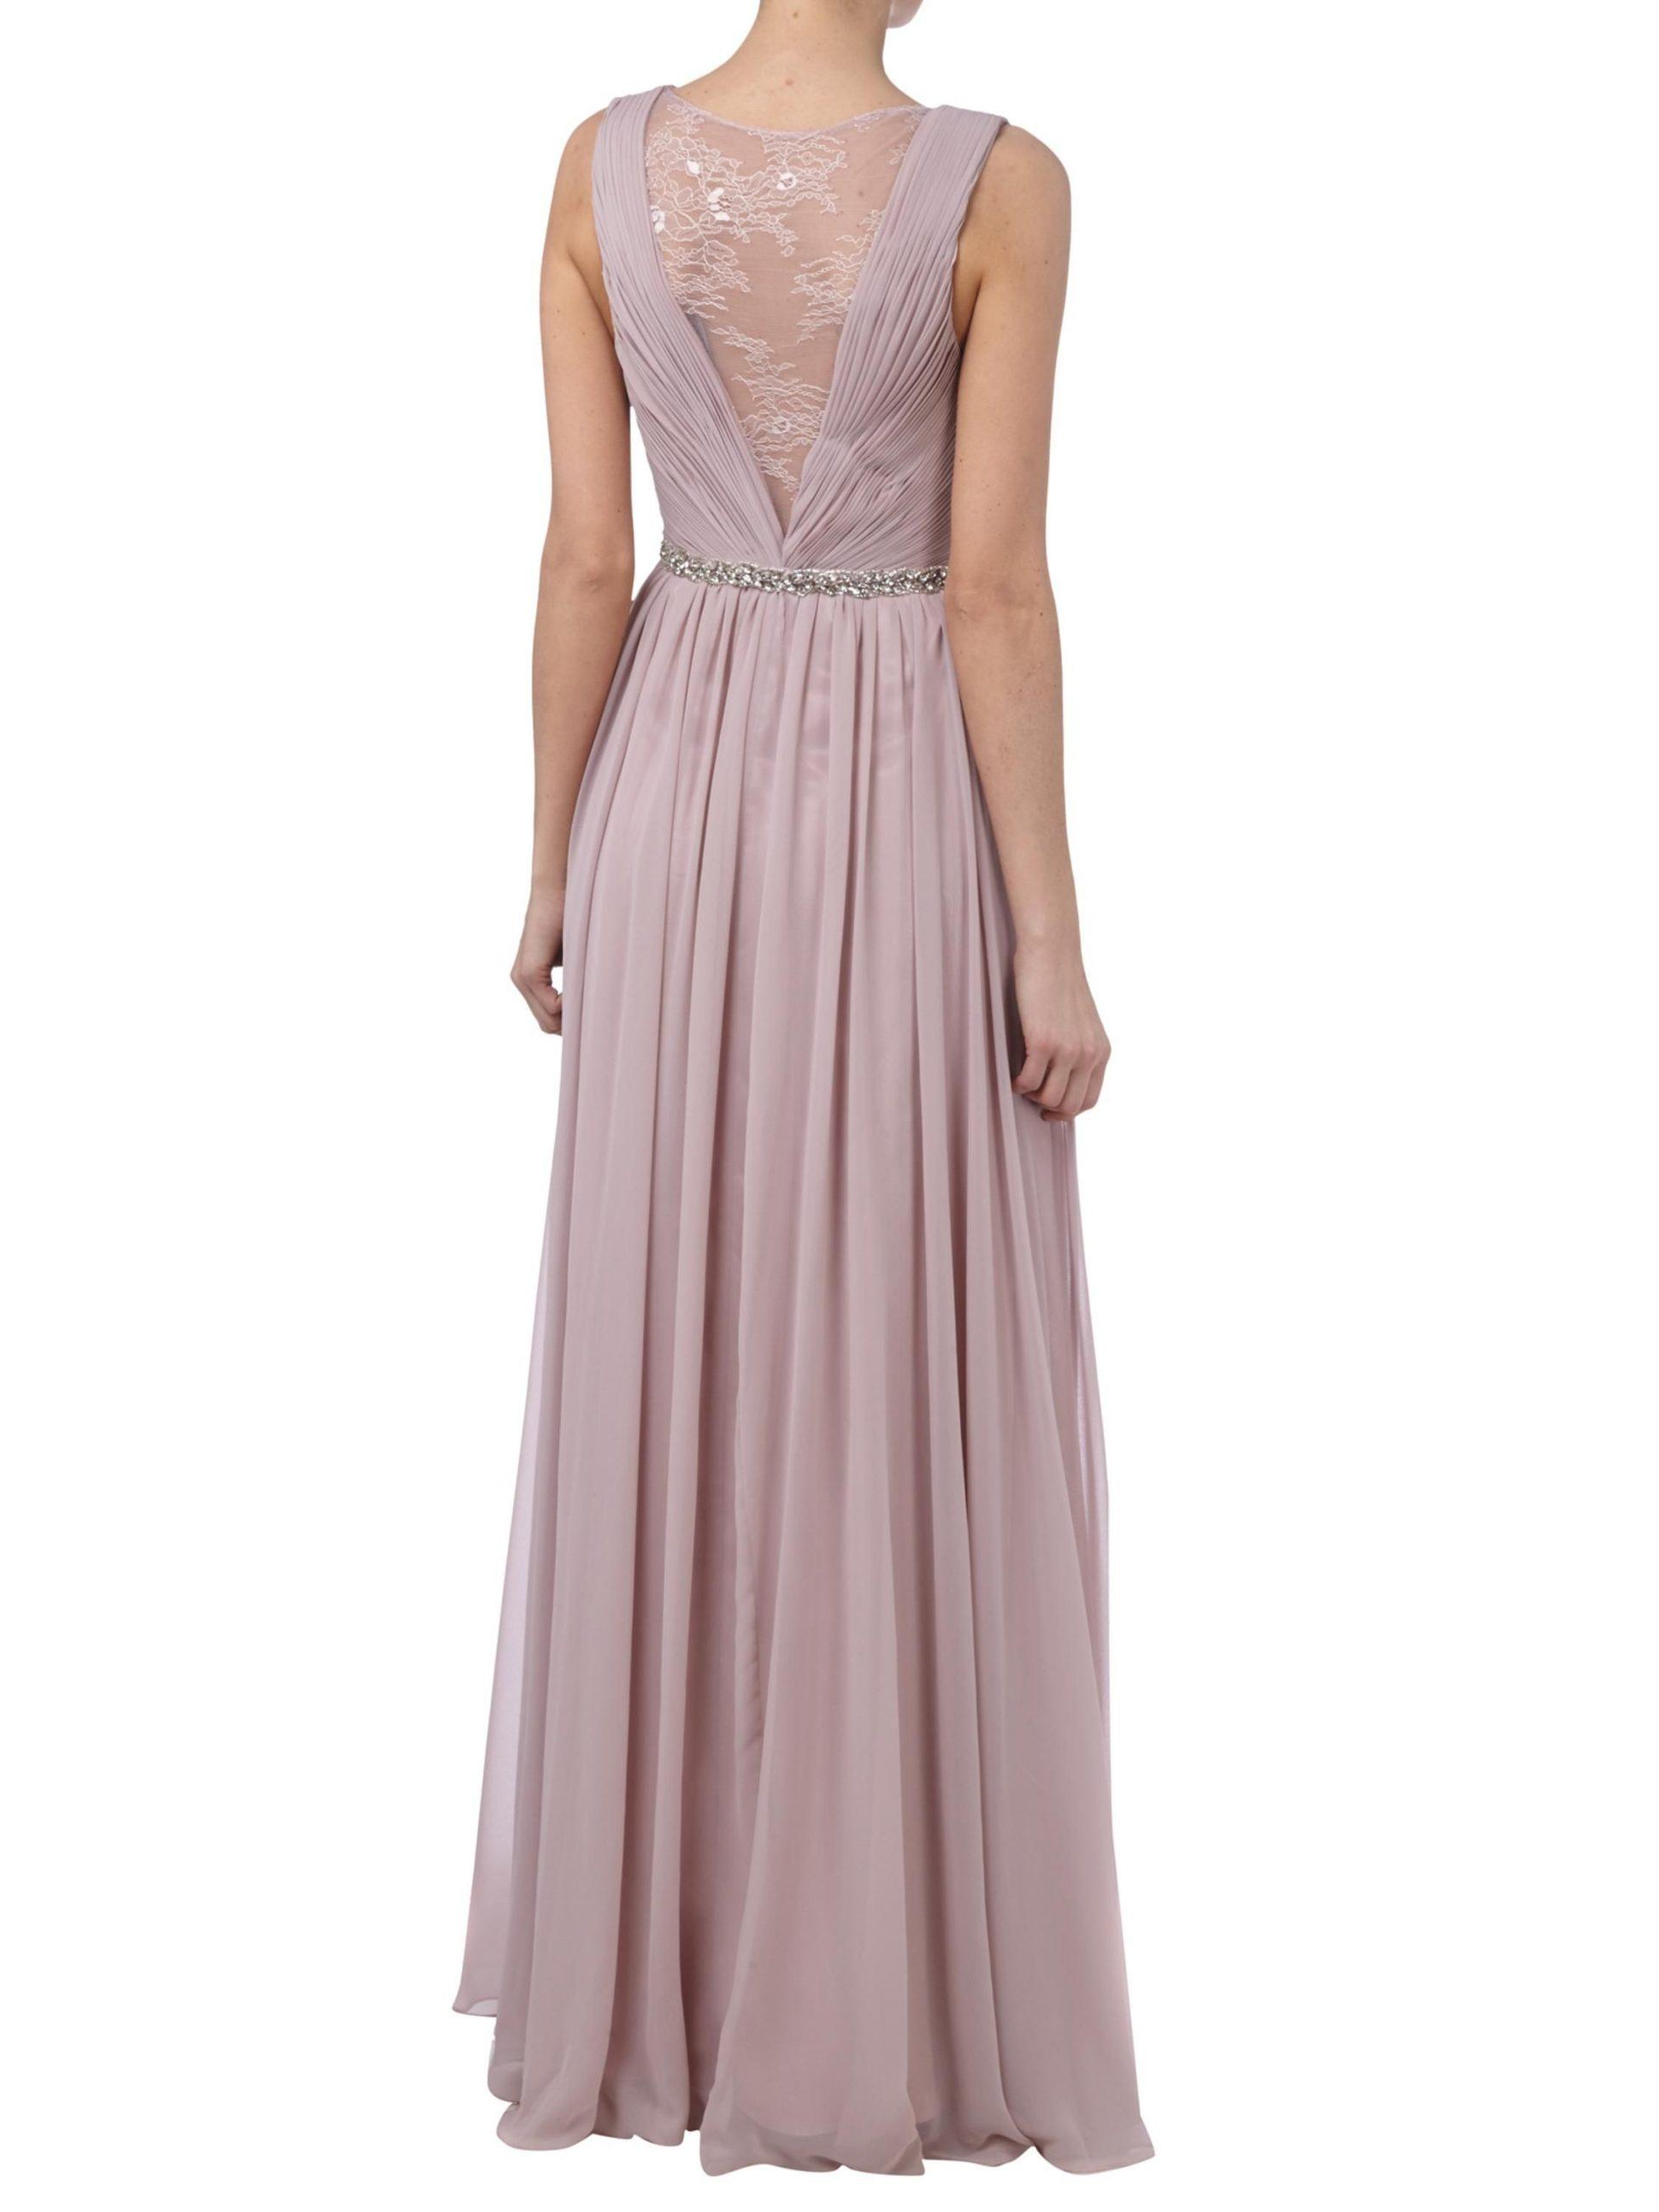 Designer Luxurius Unique Abendkleid Rosa Vertrieb20 Kreativ Unique Abendkleid Rosa Bester Preis